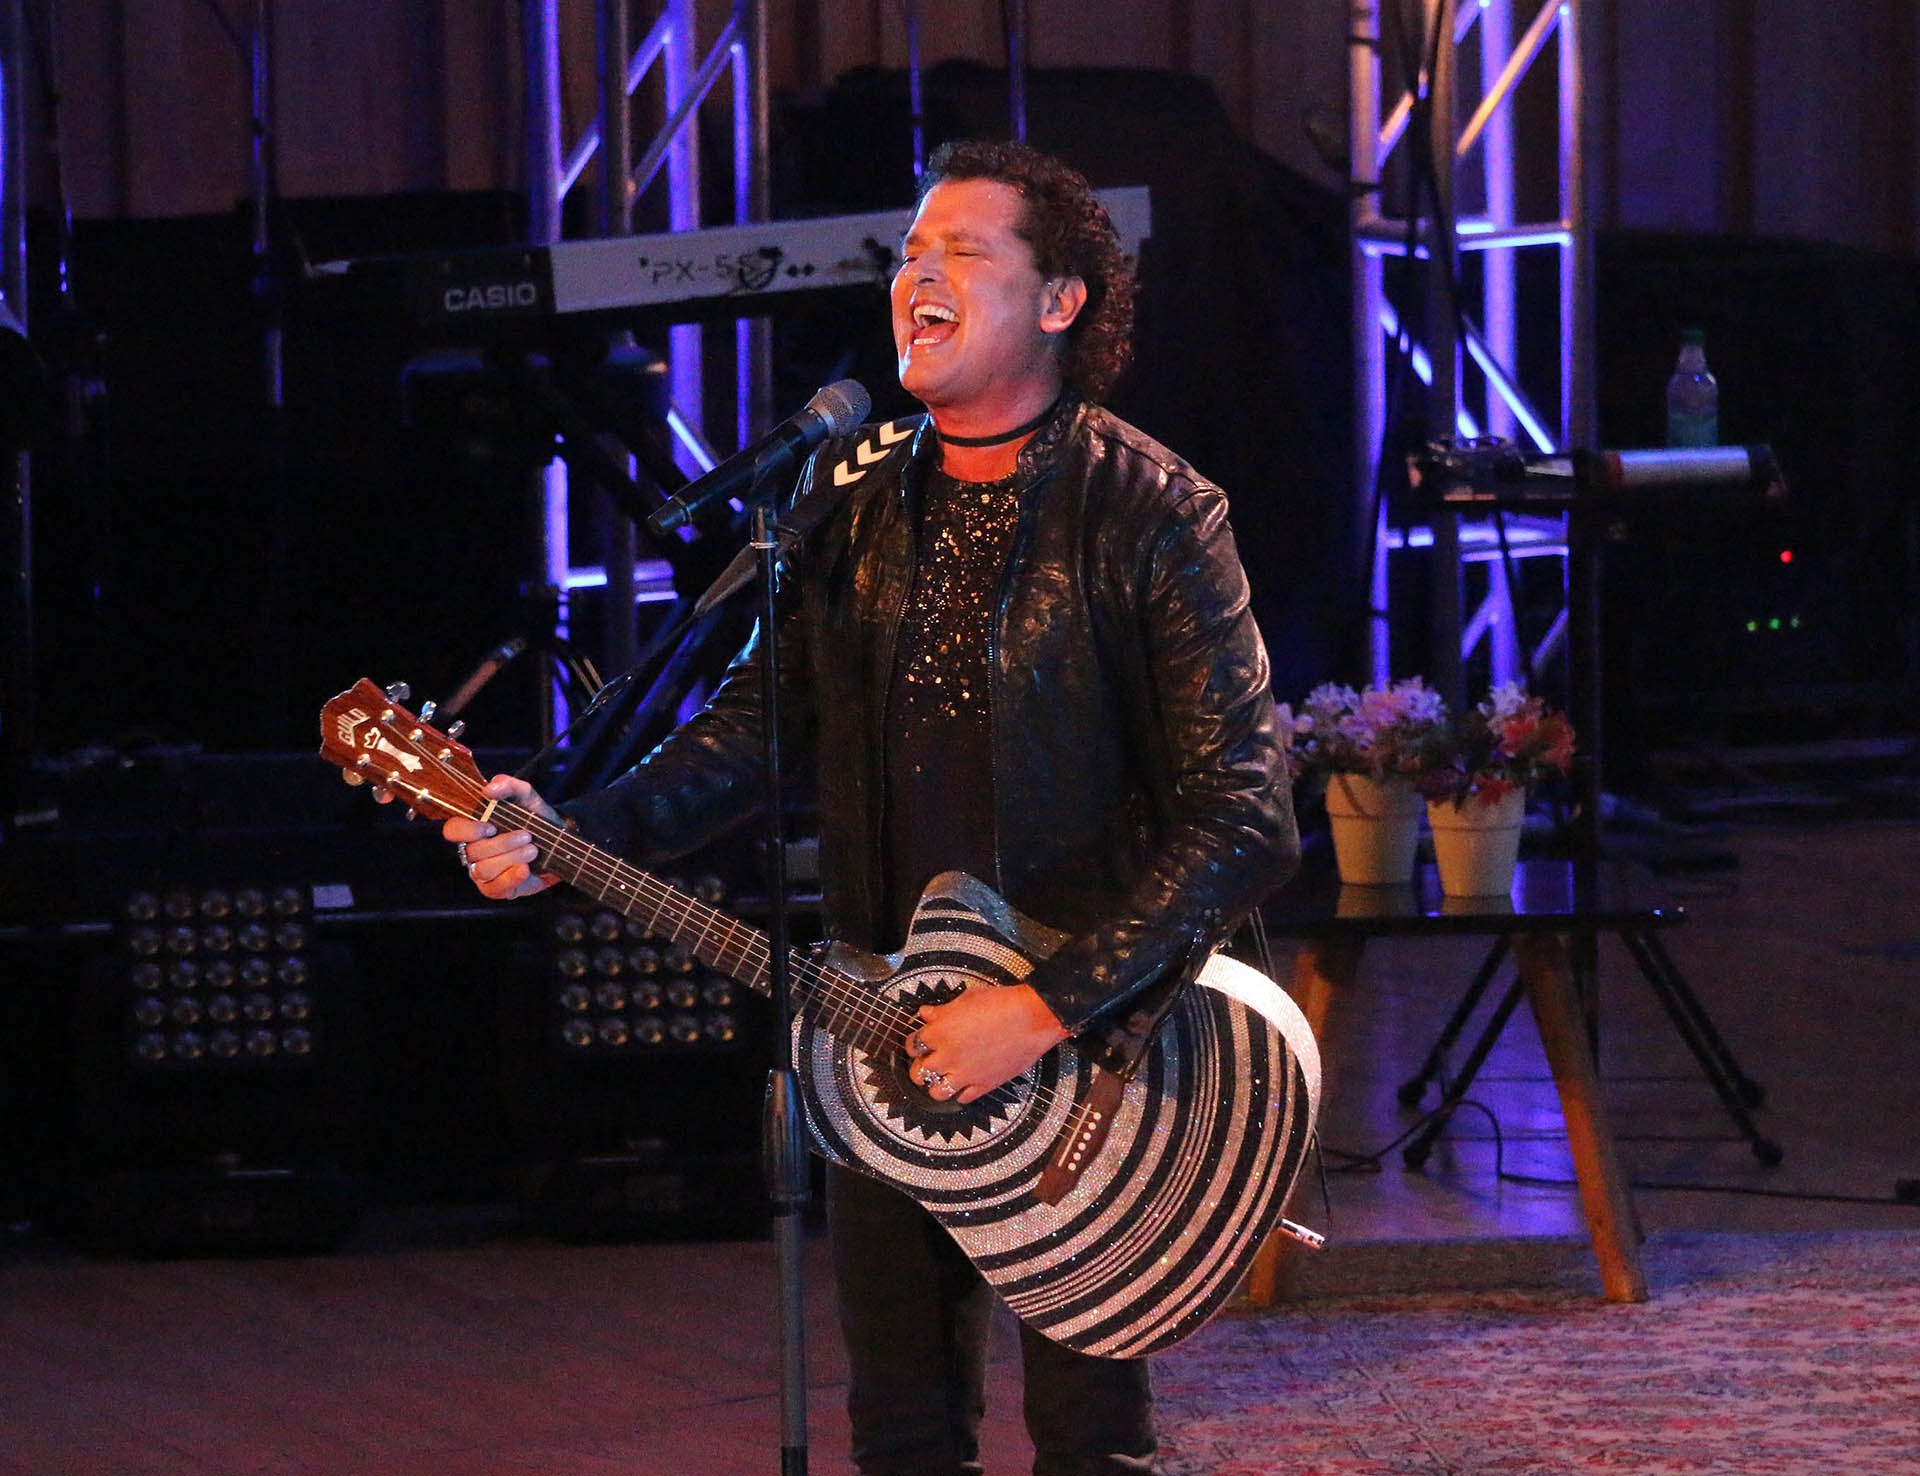 Carlos Vives también dio un show musical